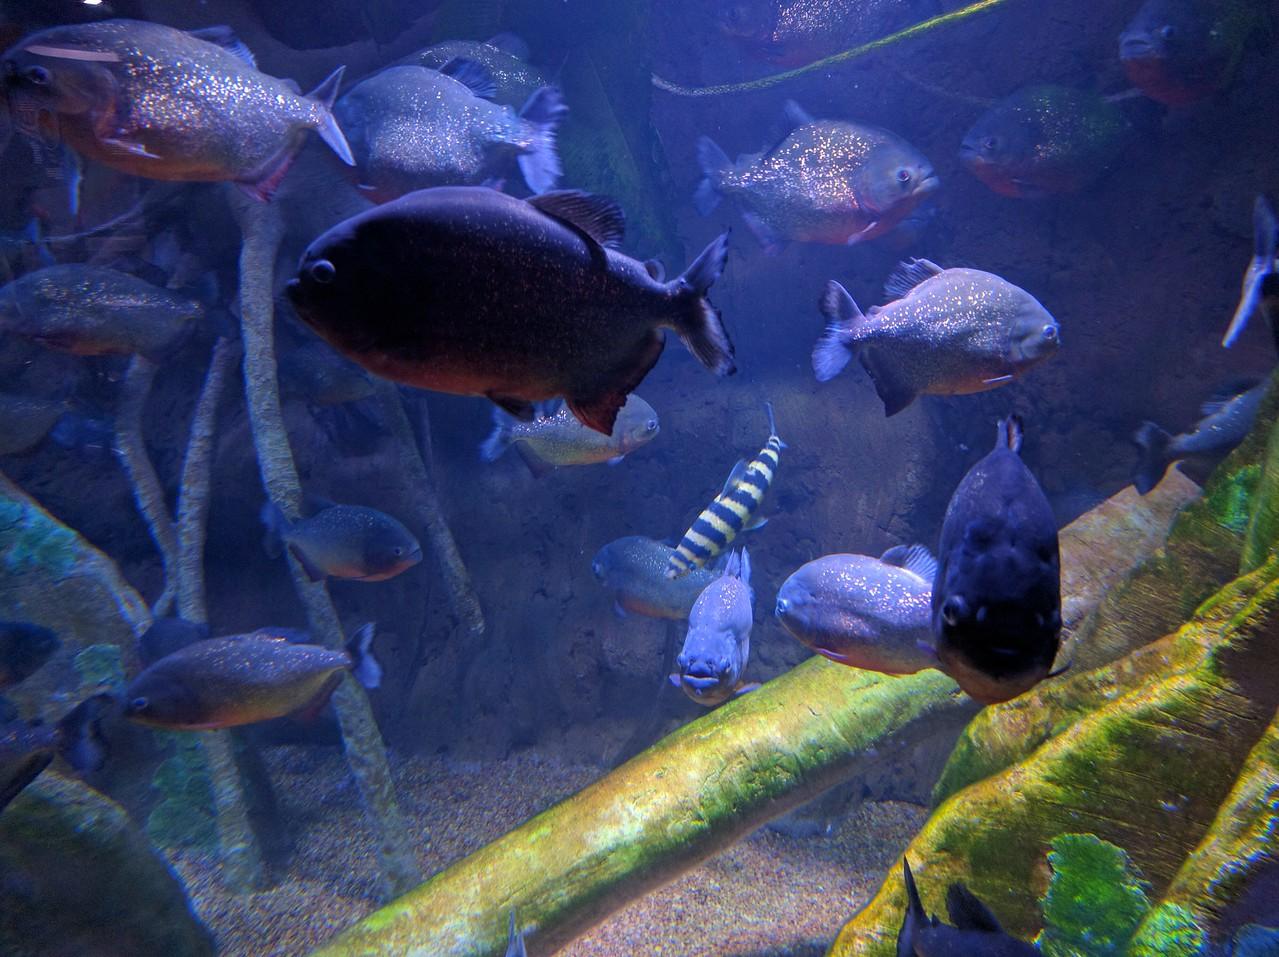 046 - Toronto - Aquarium - Red-Bellied Piranhas